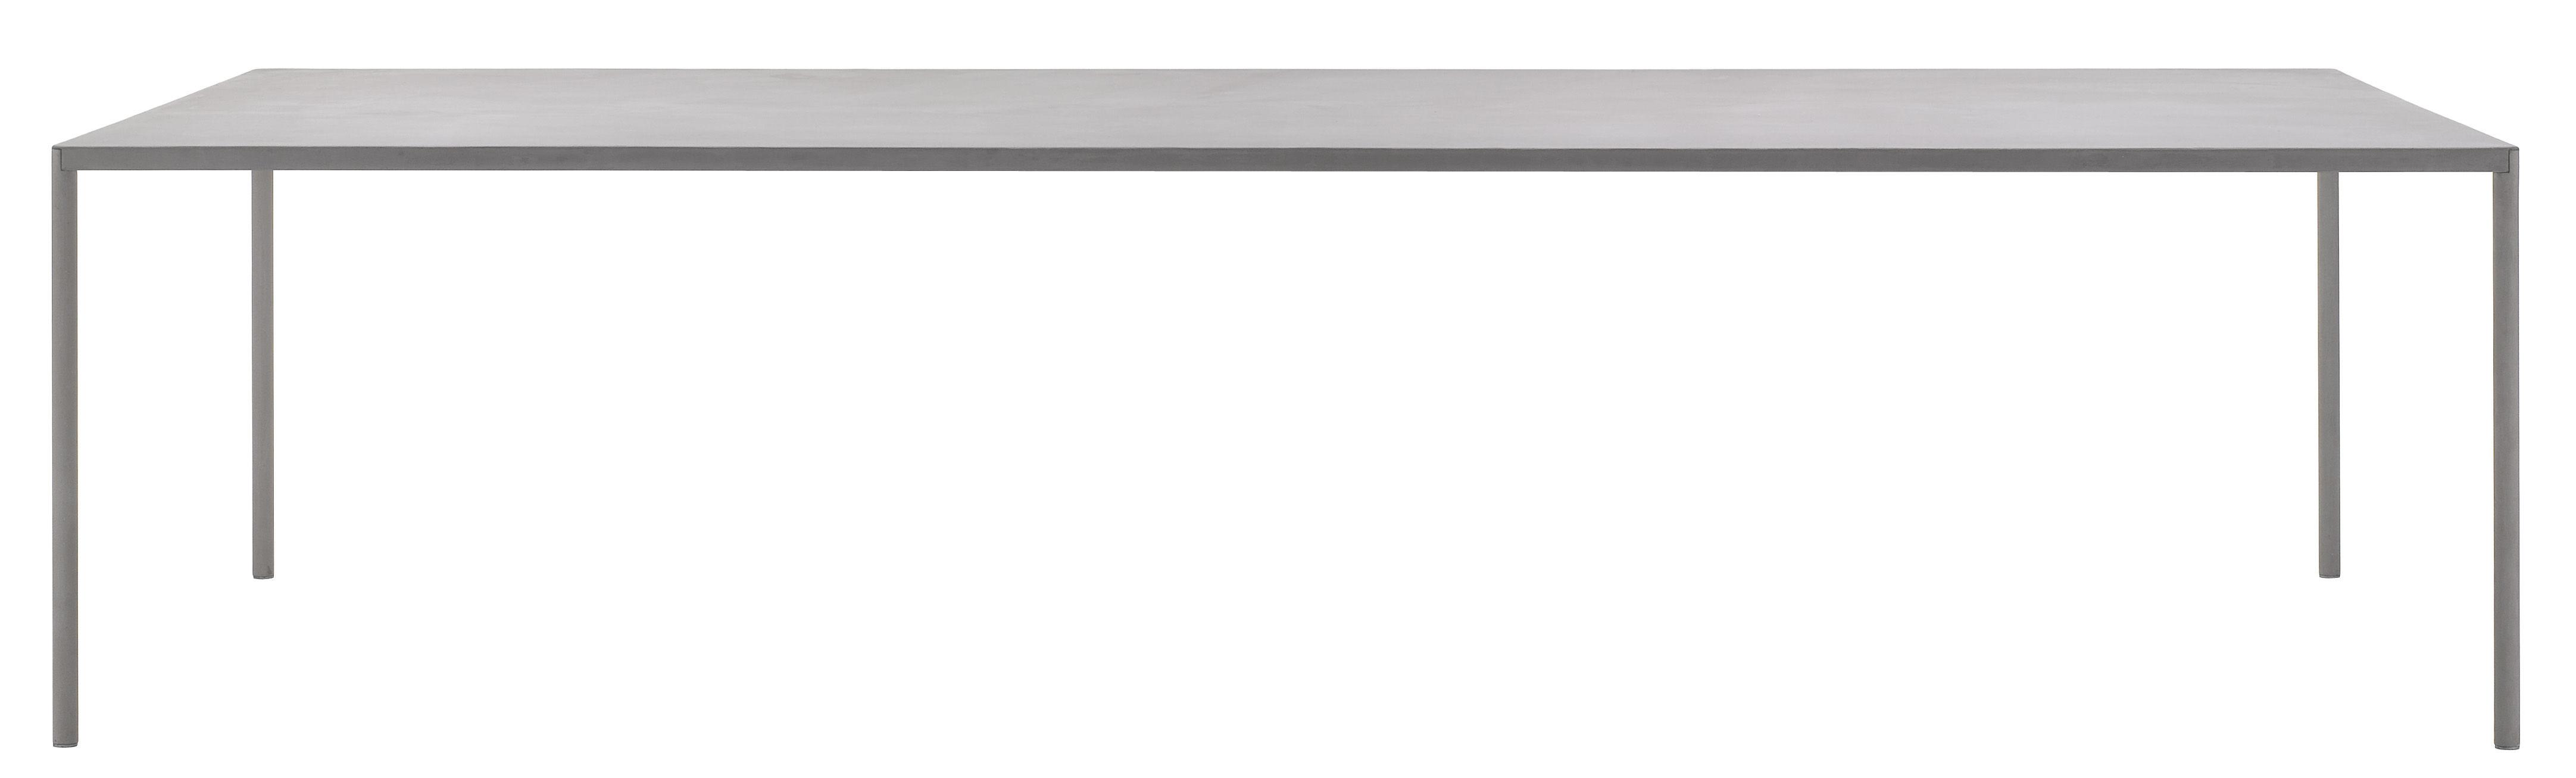 Mobilier - Tables - Table rectangulaire Robin / Ciment - 100 x 220 cm - MDF Italia - Ciment gris clair - Ciment